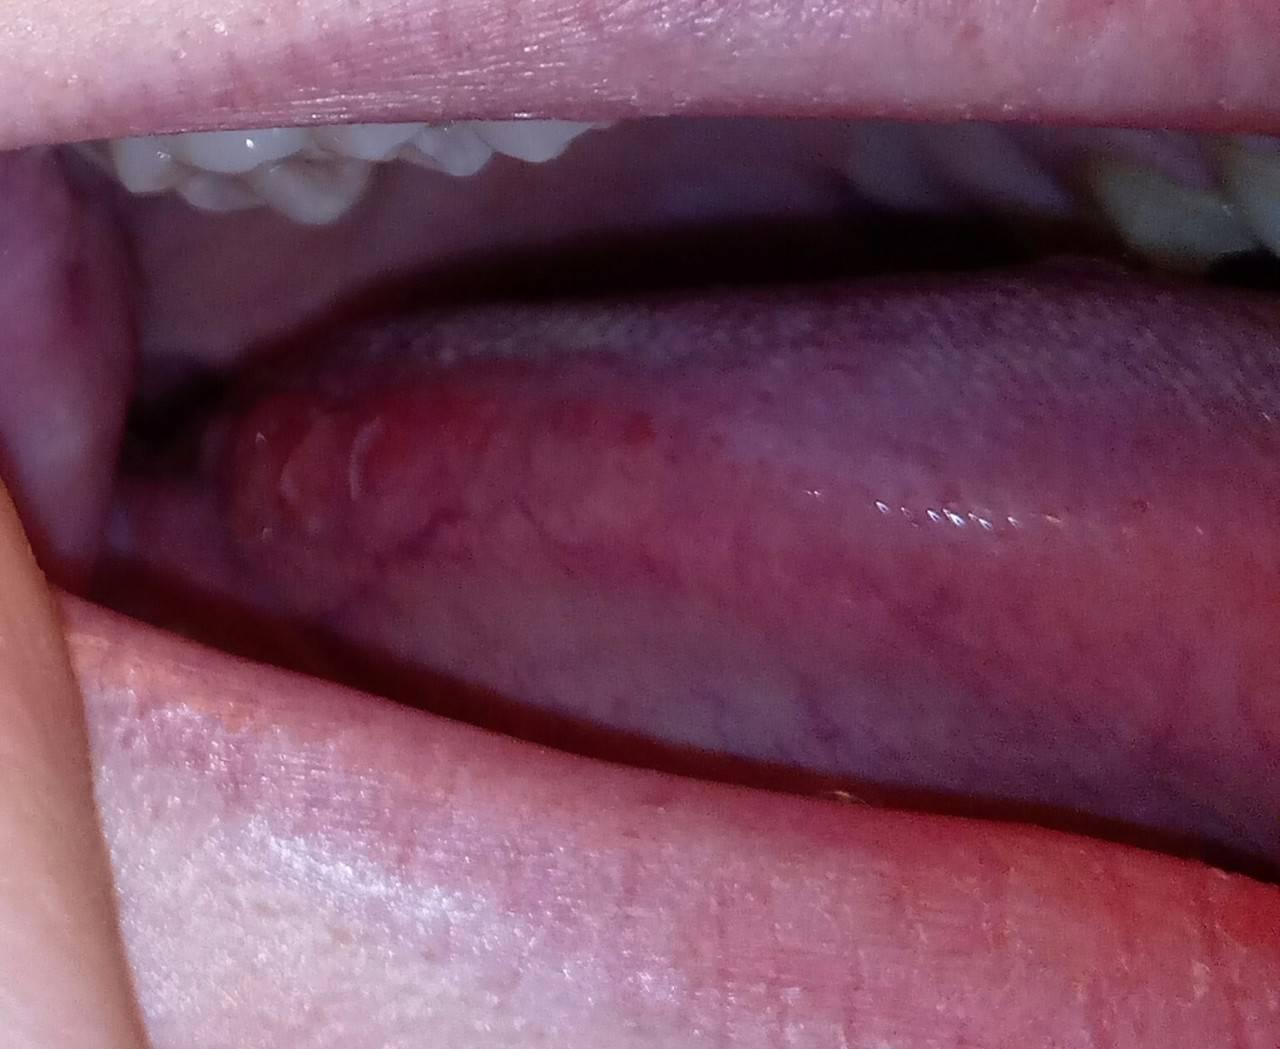 На корне языка ближе к горлу красные пупырышки и прыщи: что это, причины появления бугорков, лечение шишек